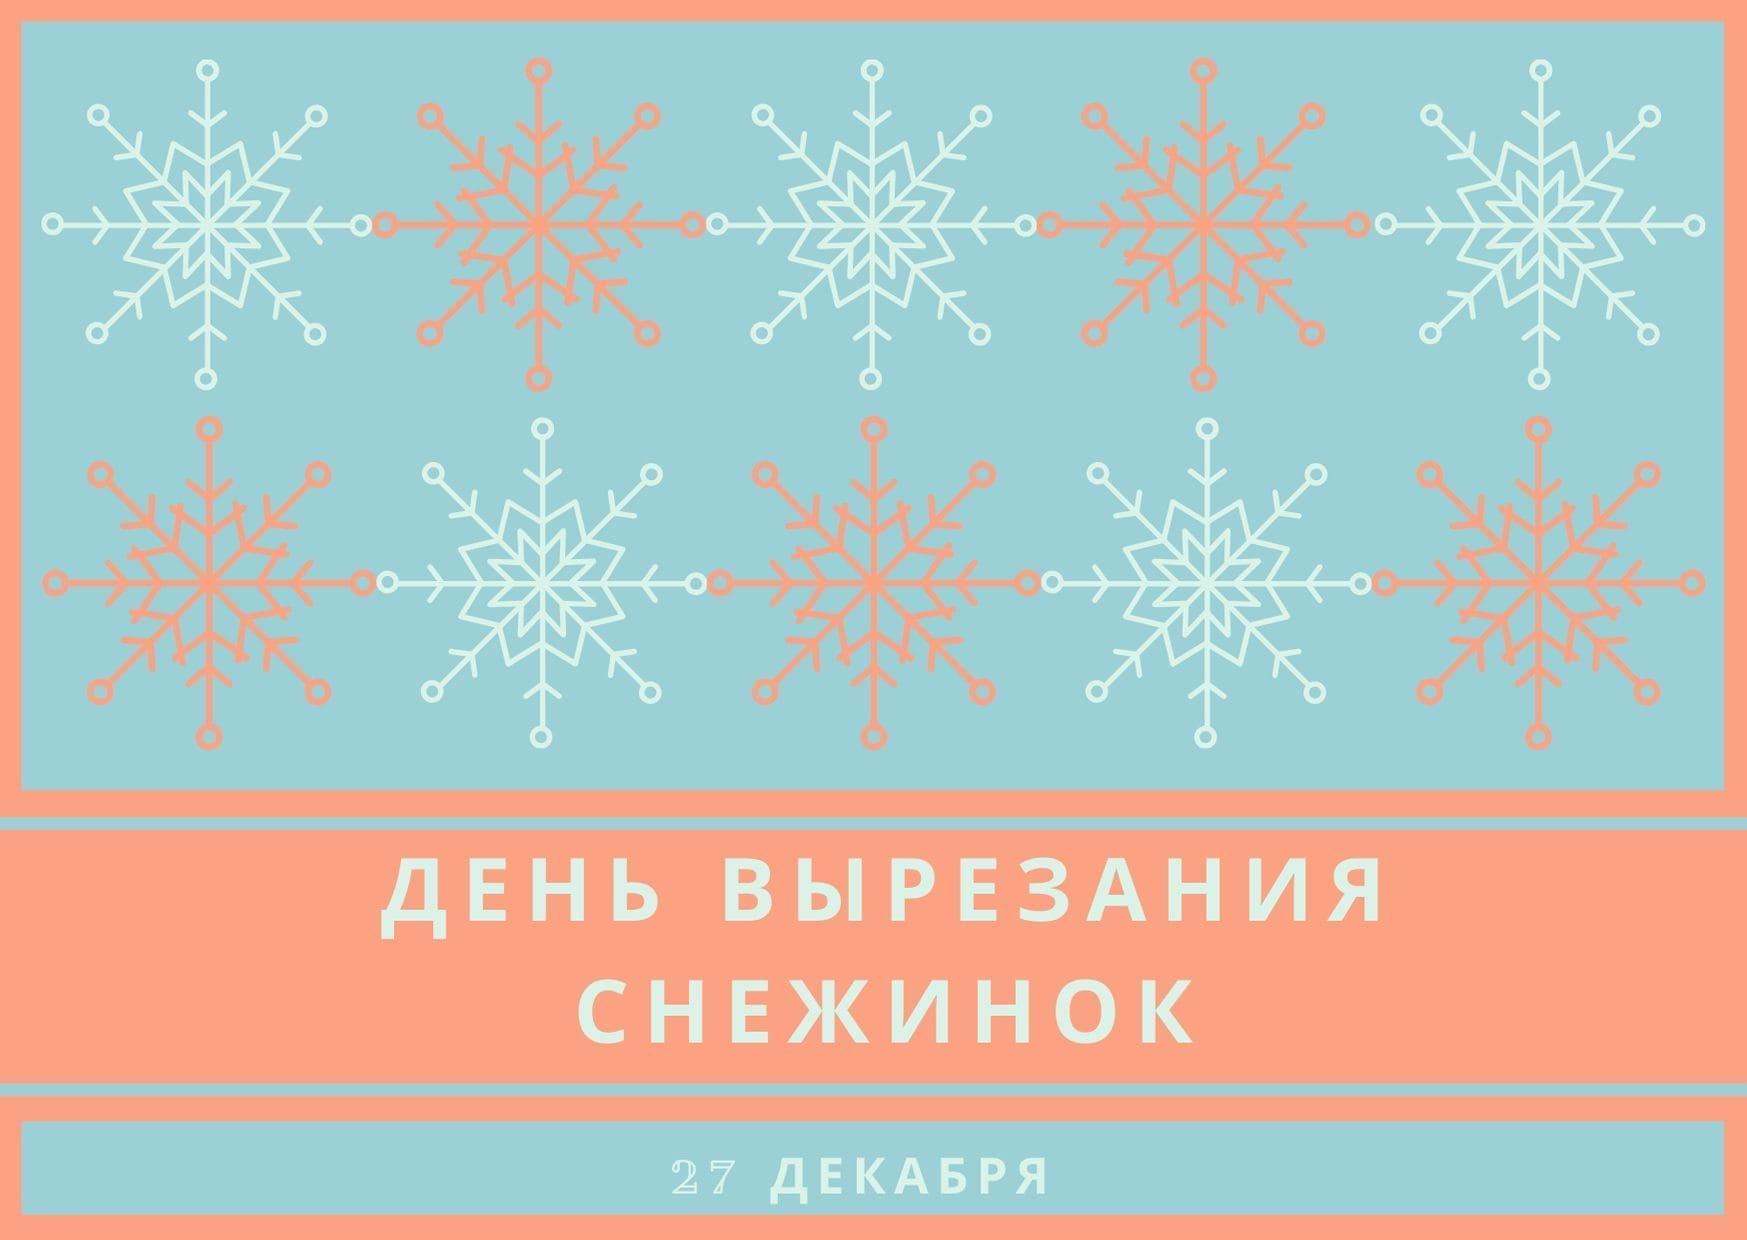 День вырезания снежинок. 27 декабря